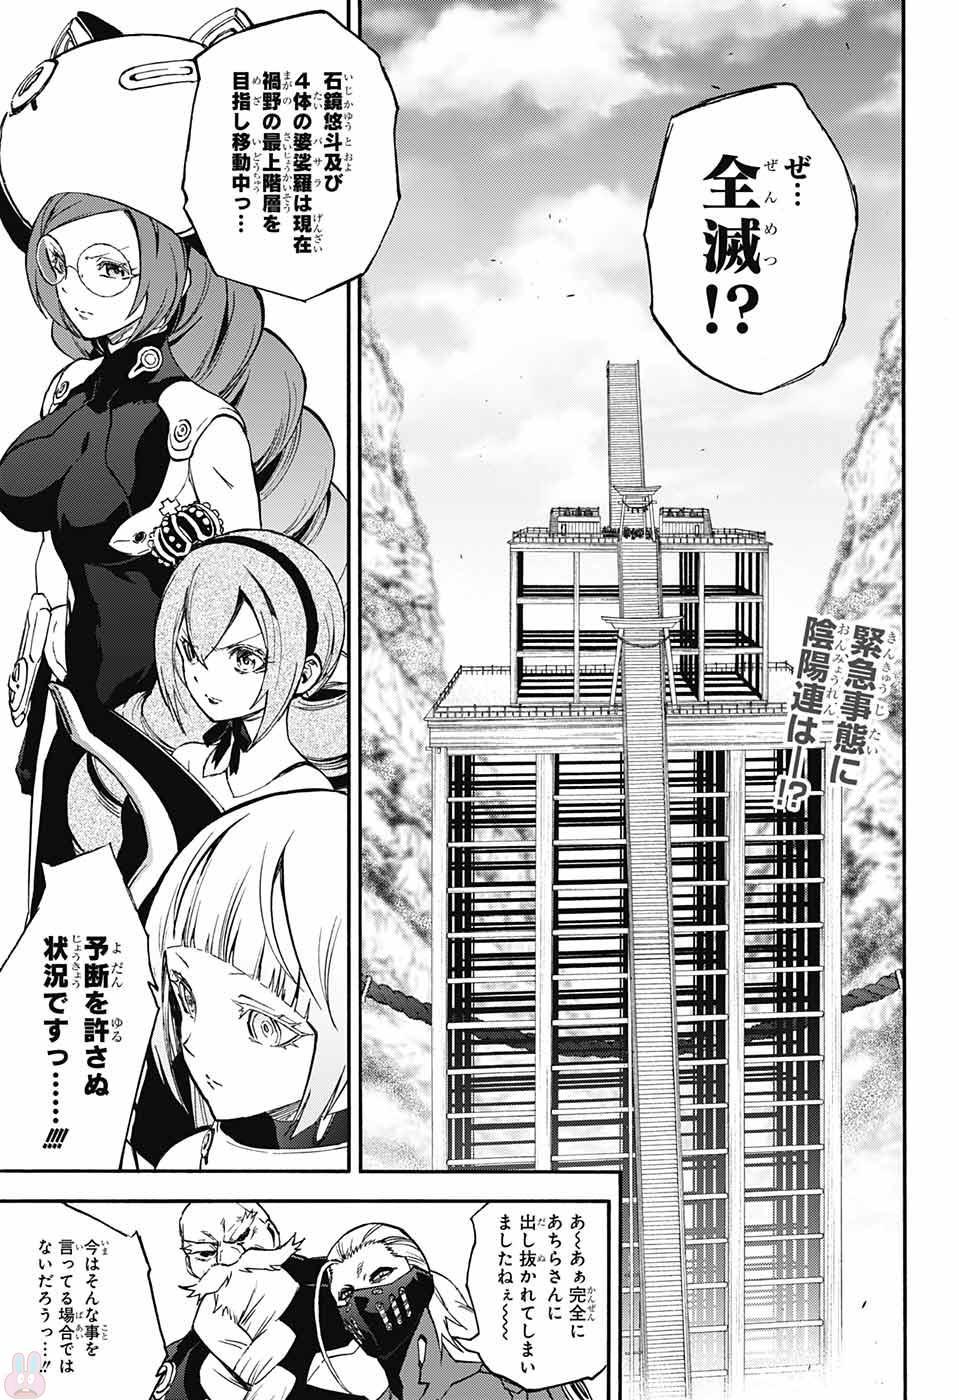 Sousei-no-Onmyouji Chapter 56 Page 1